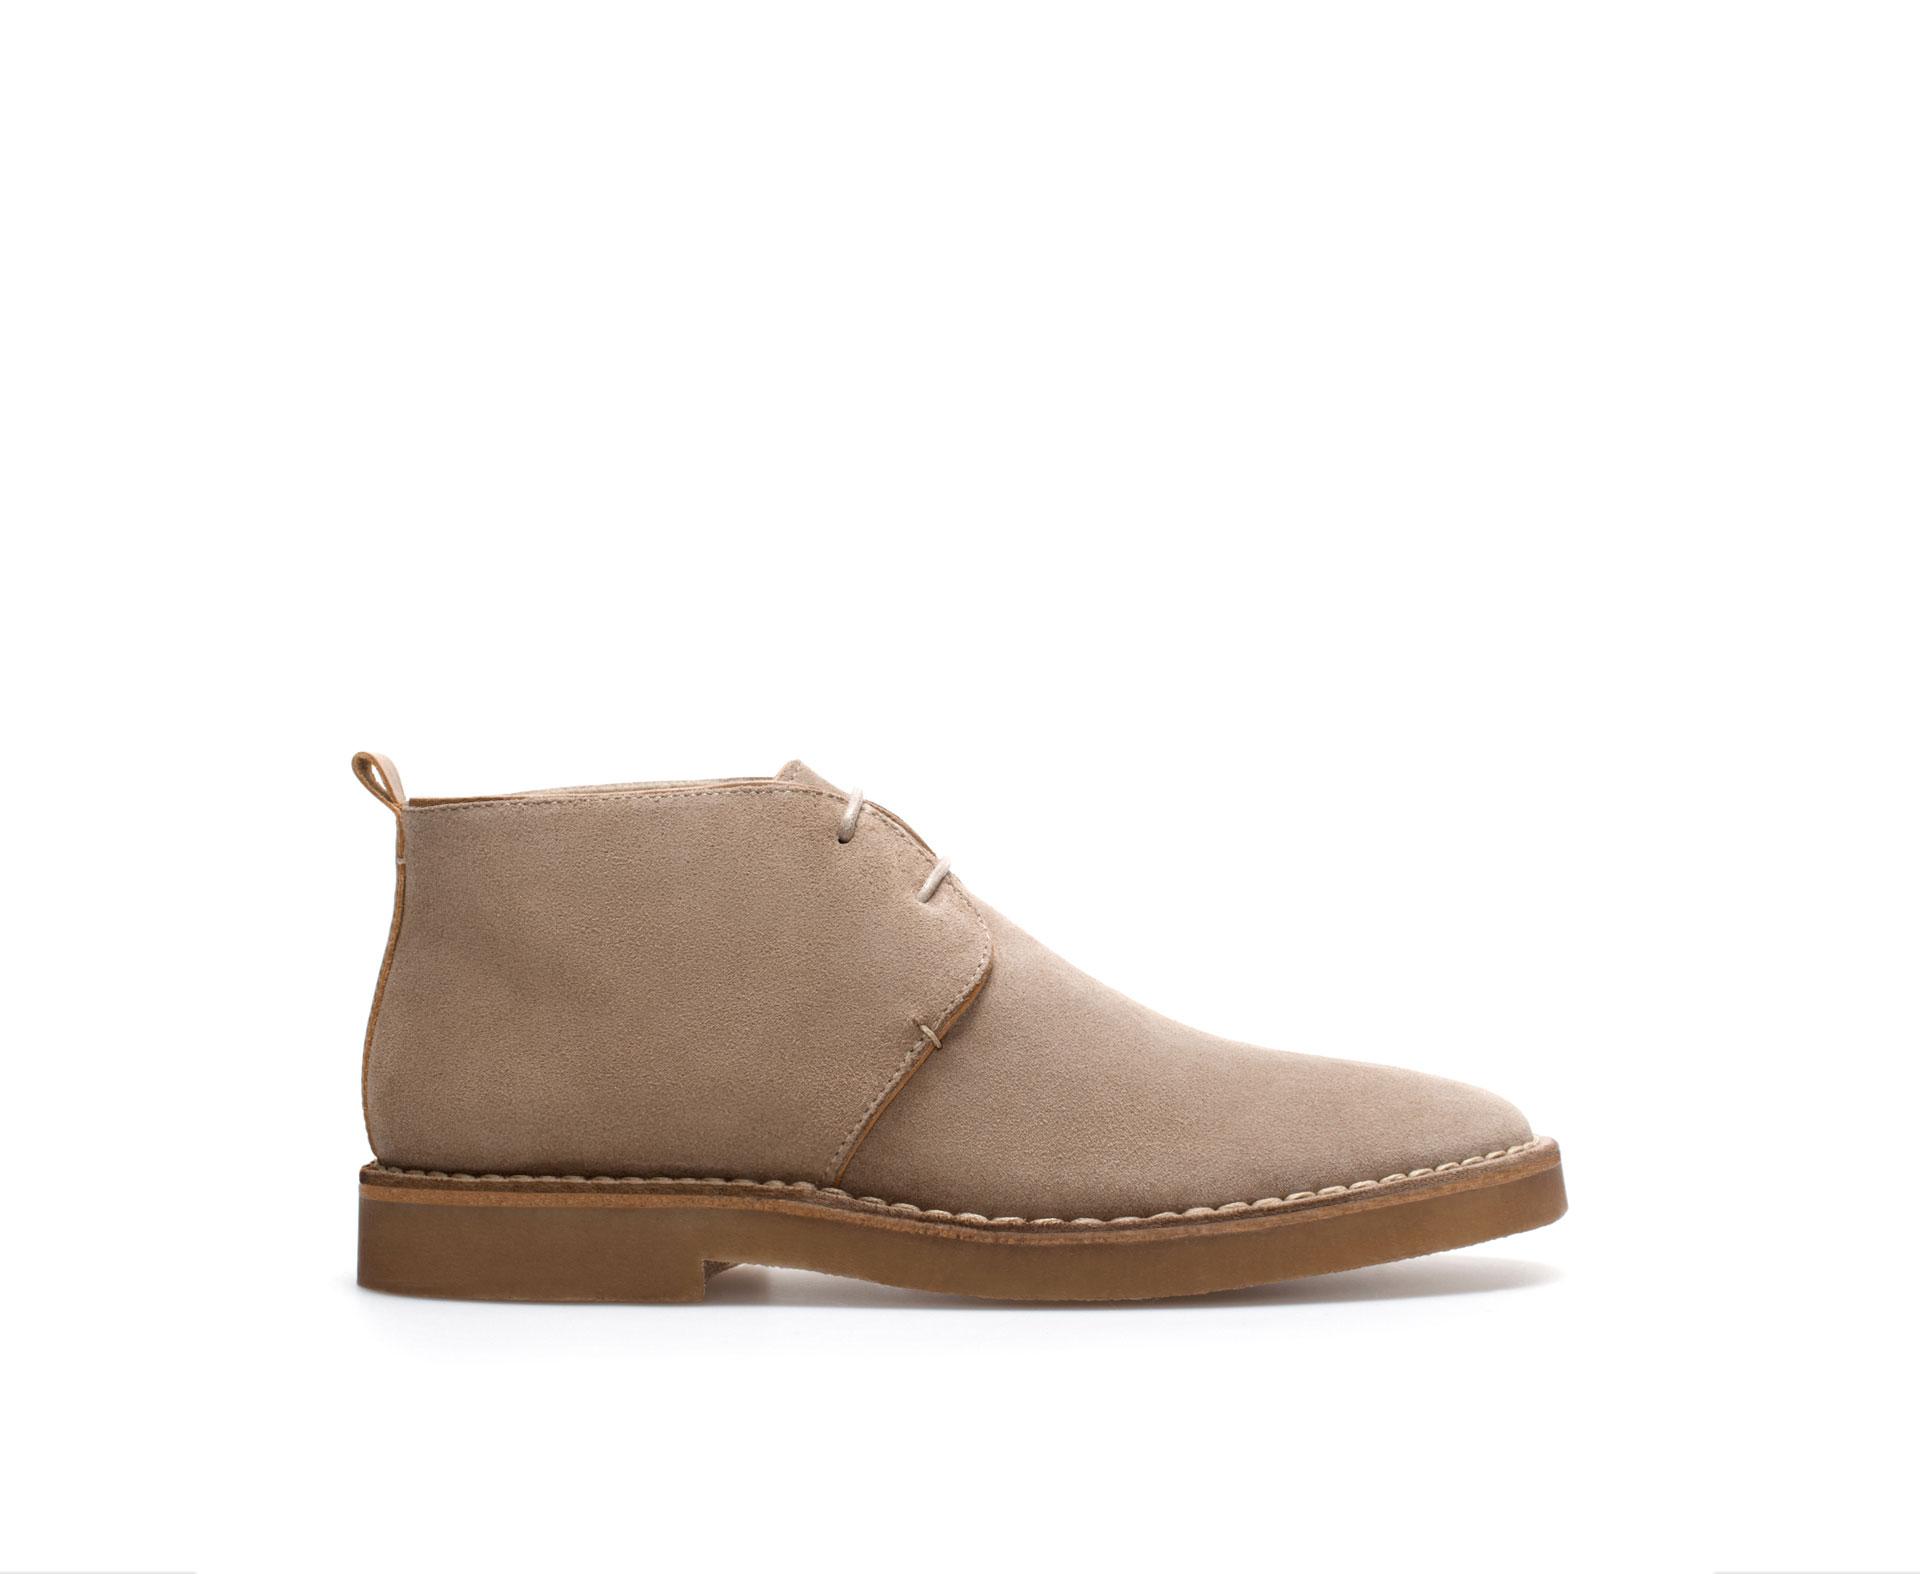 Zara Classic Desert Boot In Natural For Men Lyst